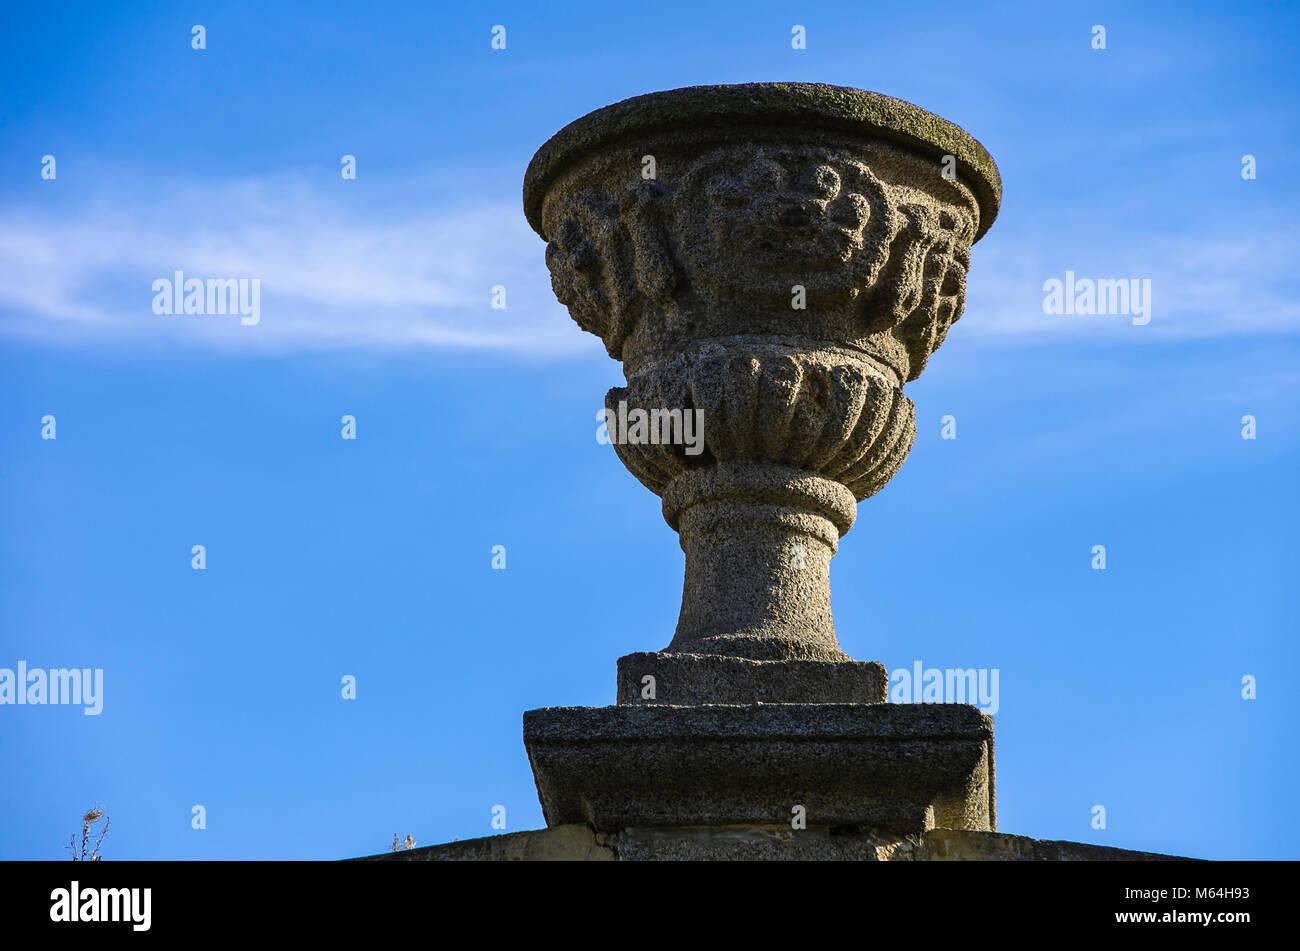 Chateau Tynec (Zamek Tynec) in der Nähe von Klatovy, Tschechien - Barocke amphora Stein Topf auf der Krone Stockbild